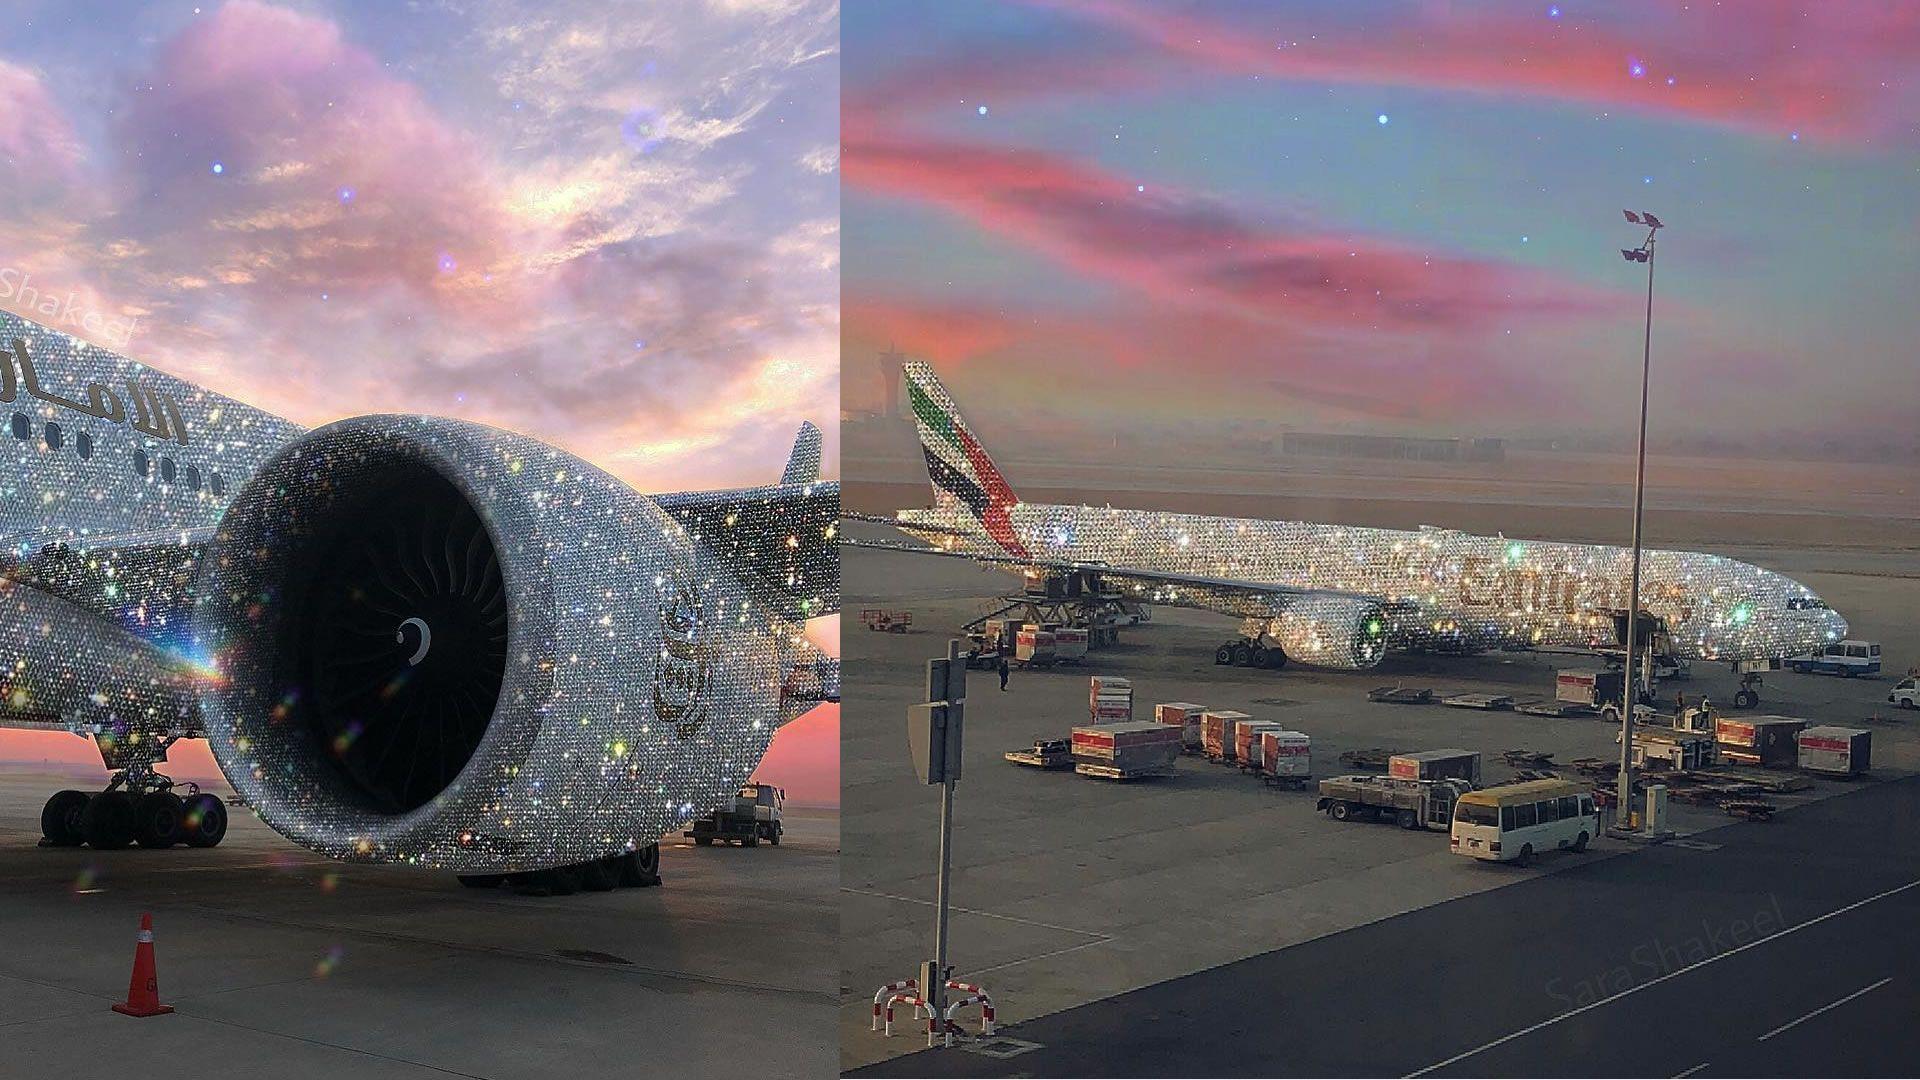 El avión de Emirates recubierto en diamantes (¿es real?)